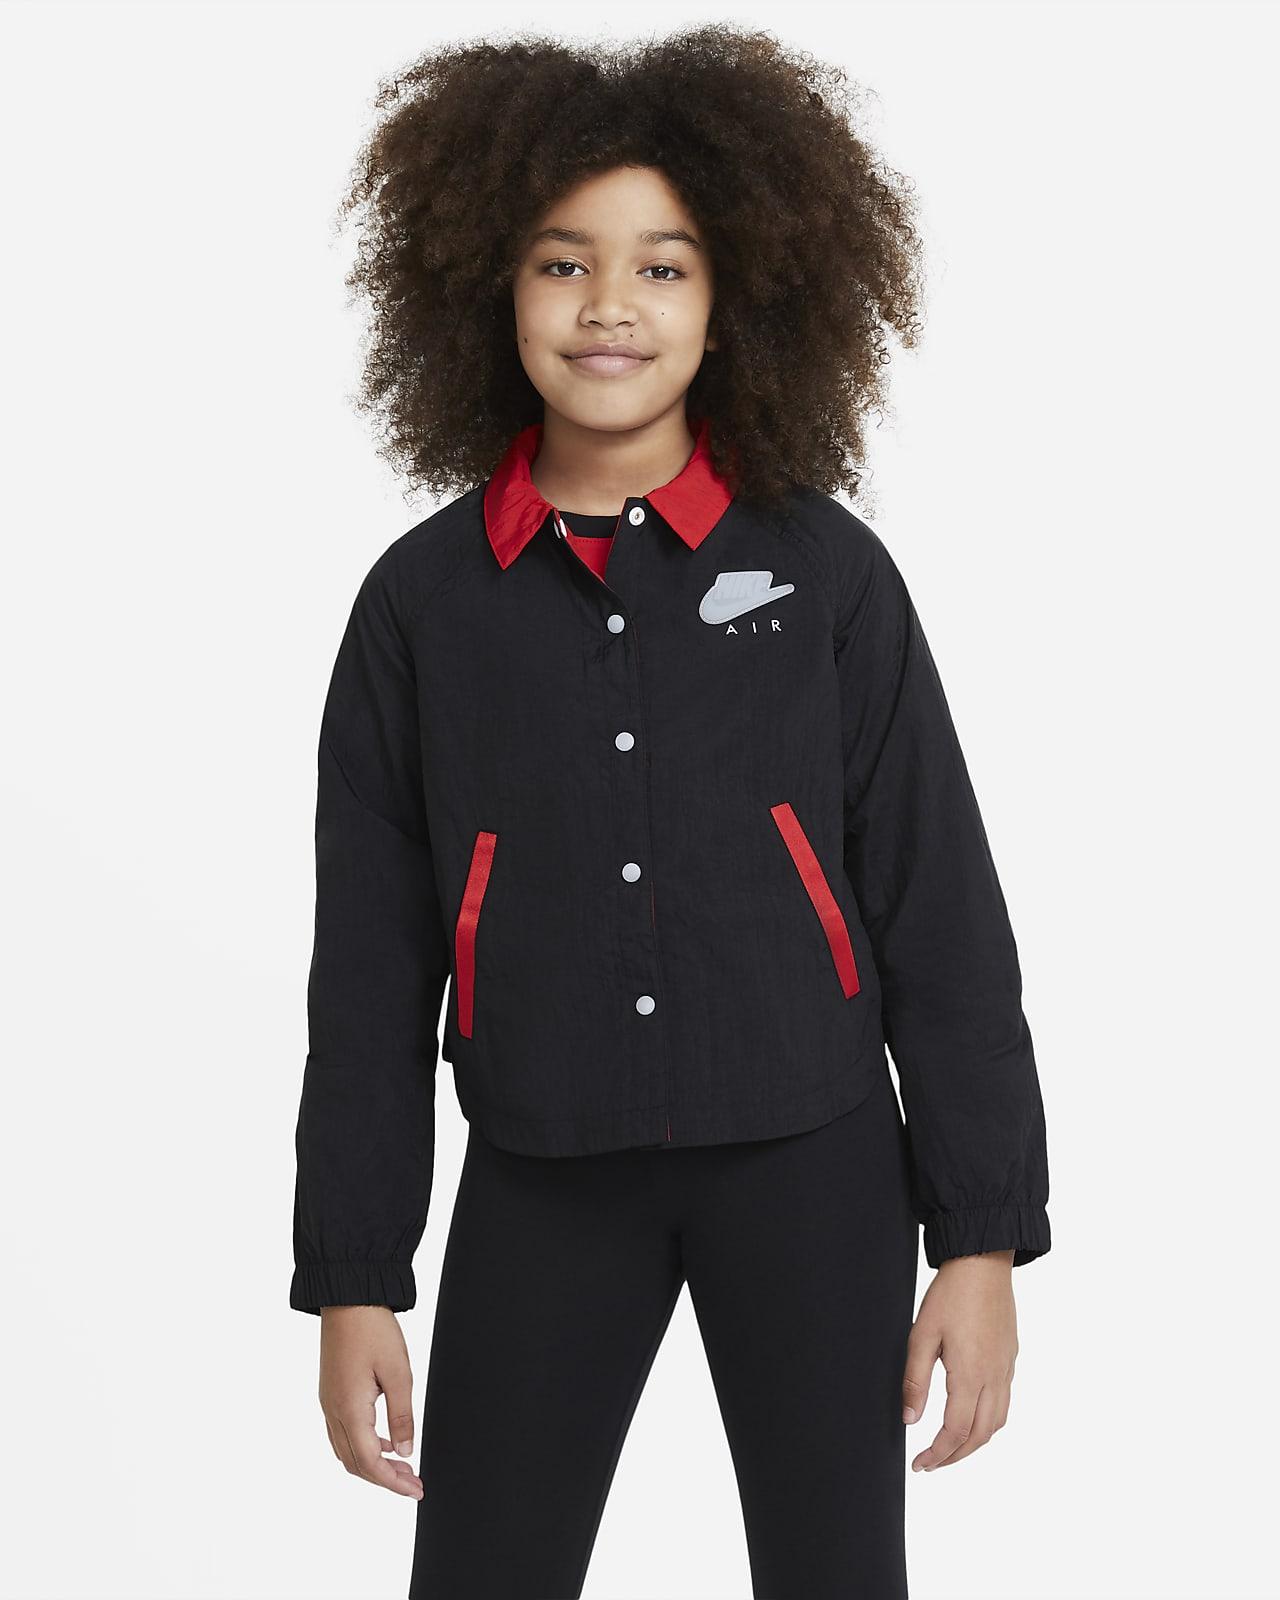 Nike Air kabát nagyobb gyerekeknek (lányok)